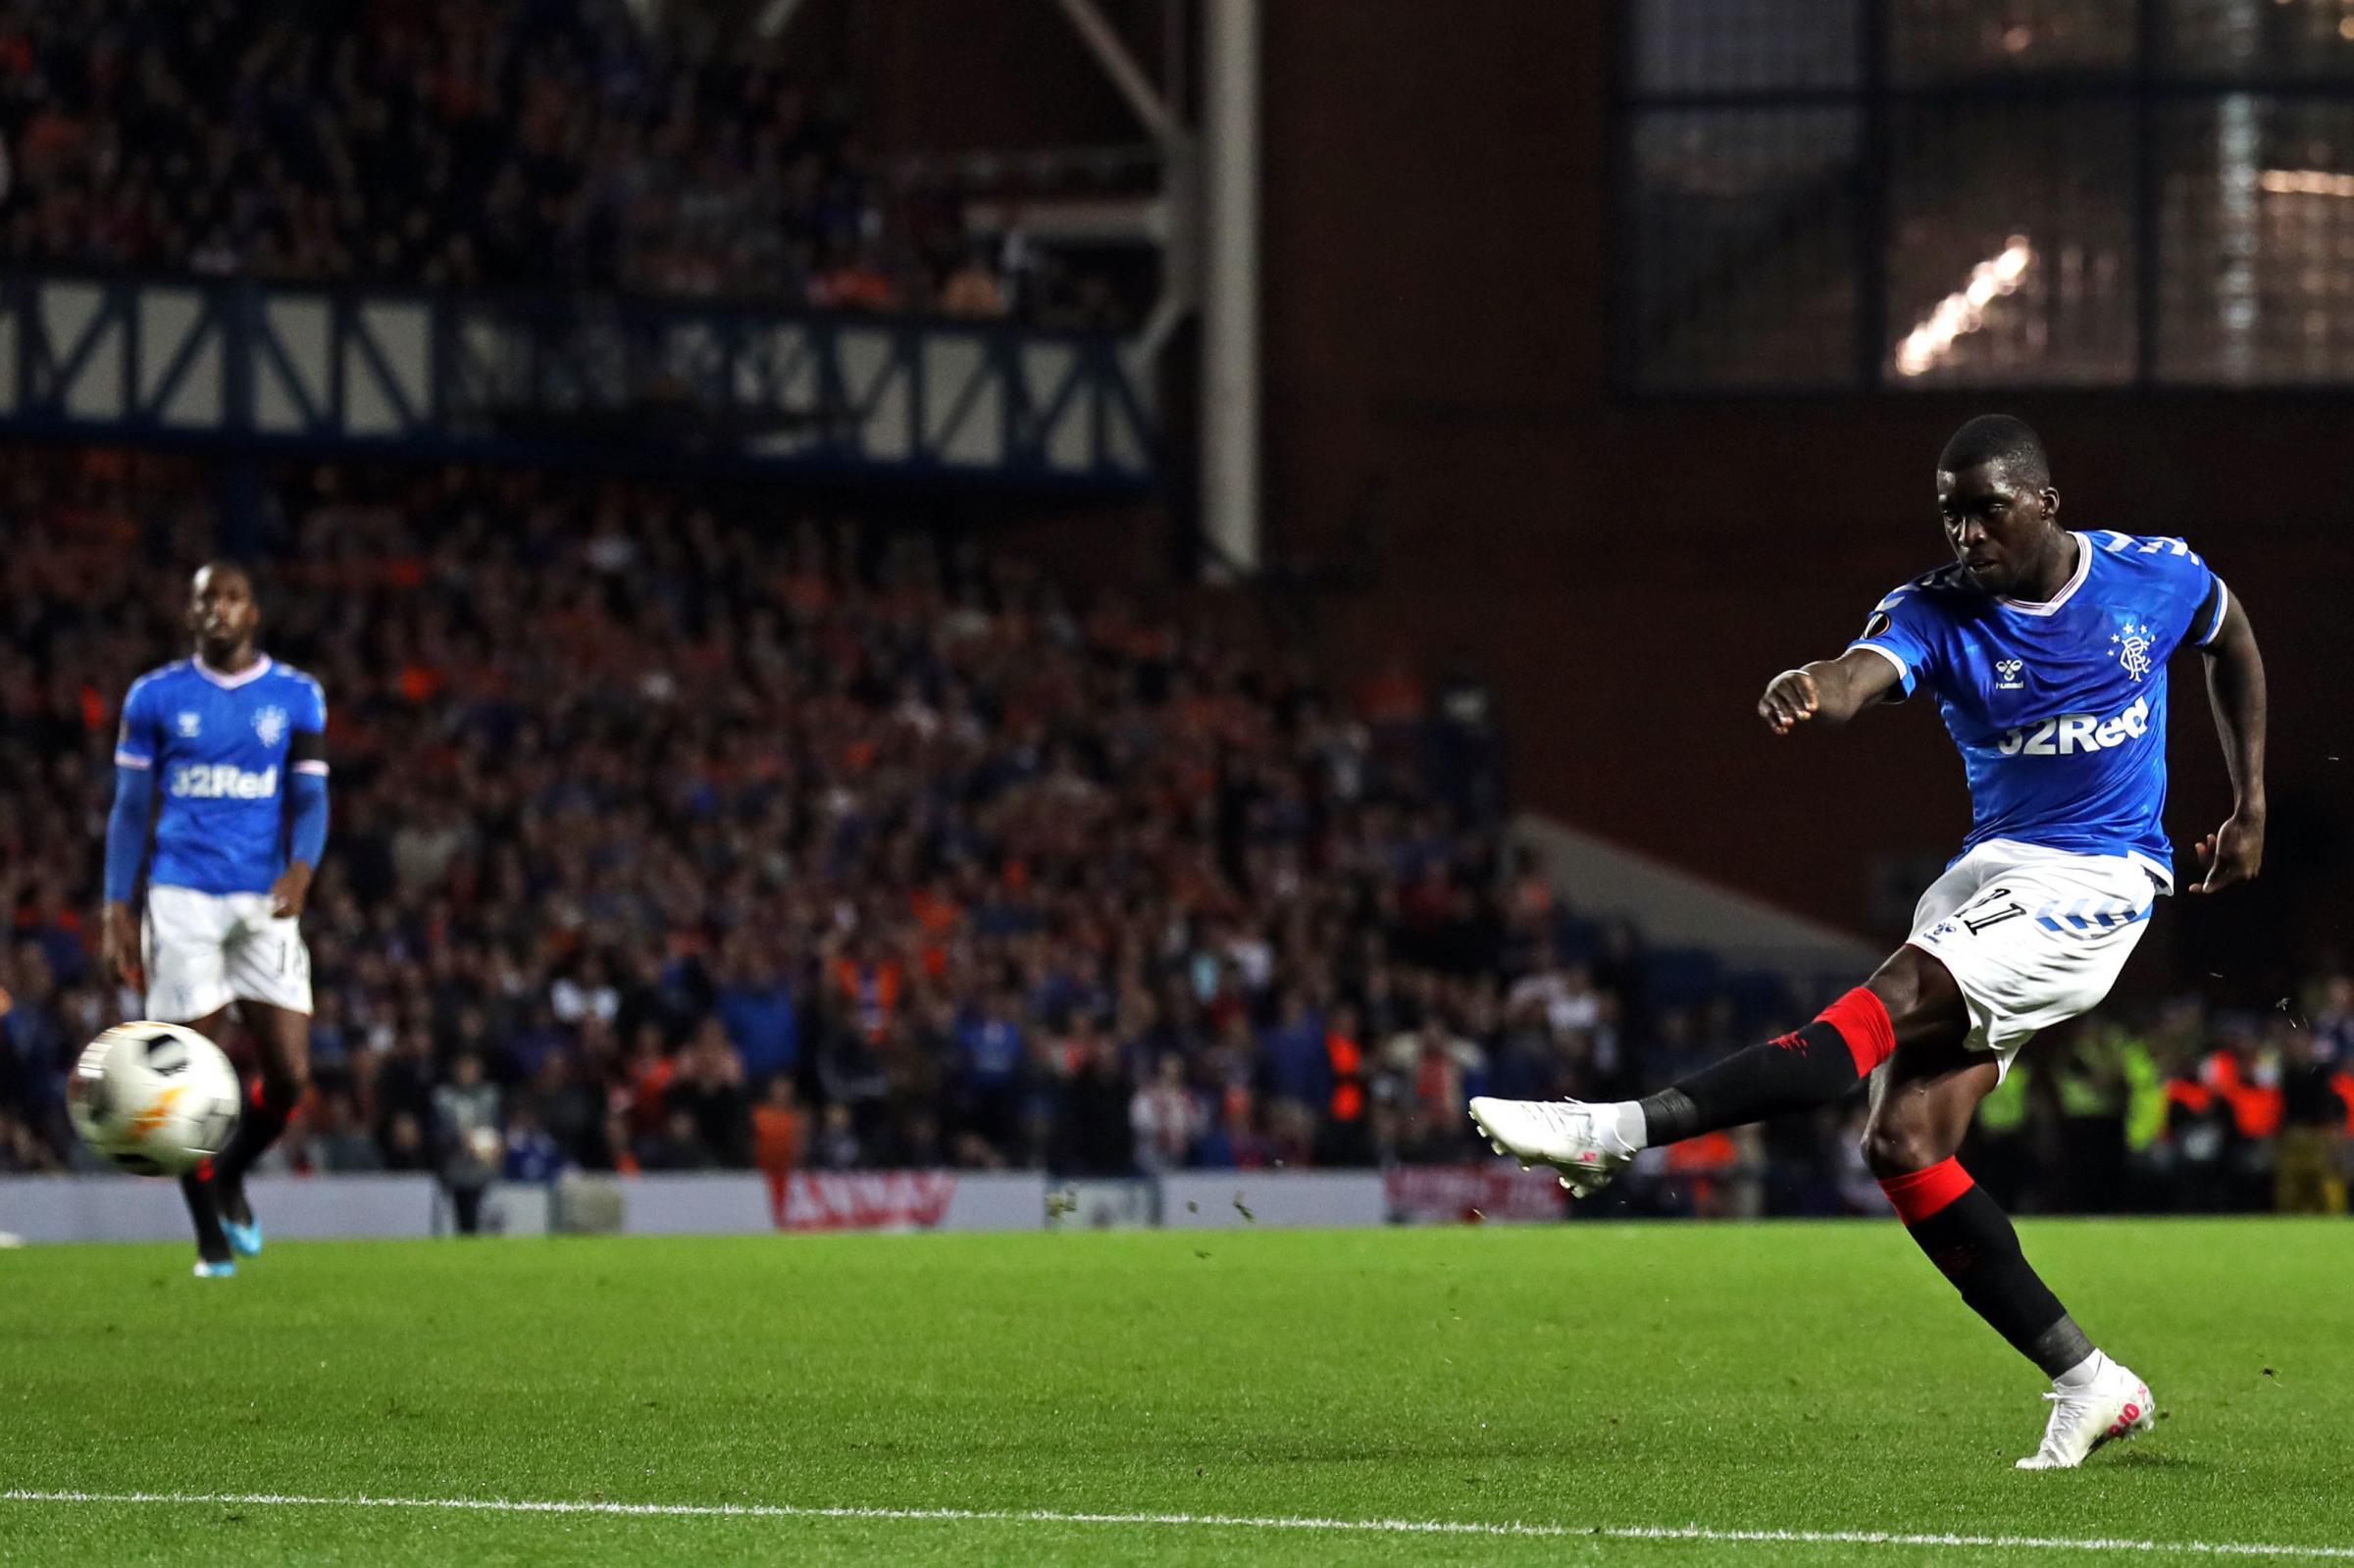 Five things we learned as Rangers brushed aside Feyenoord